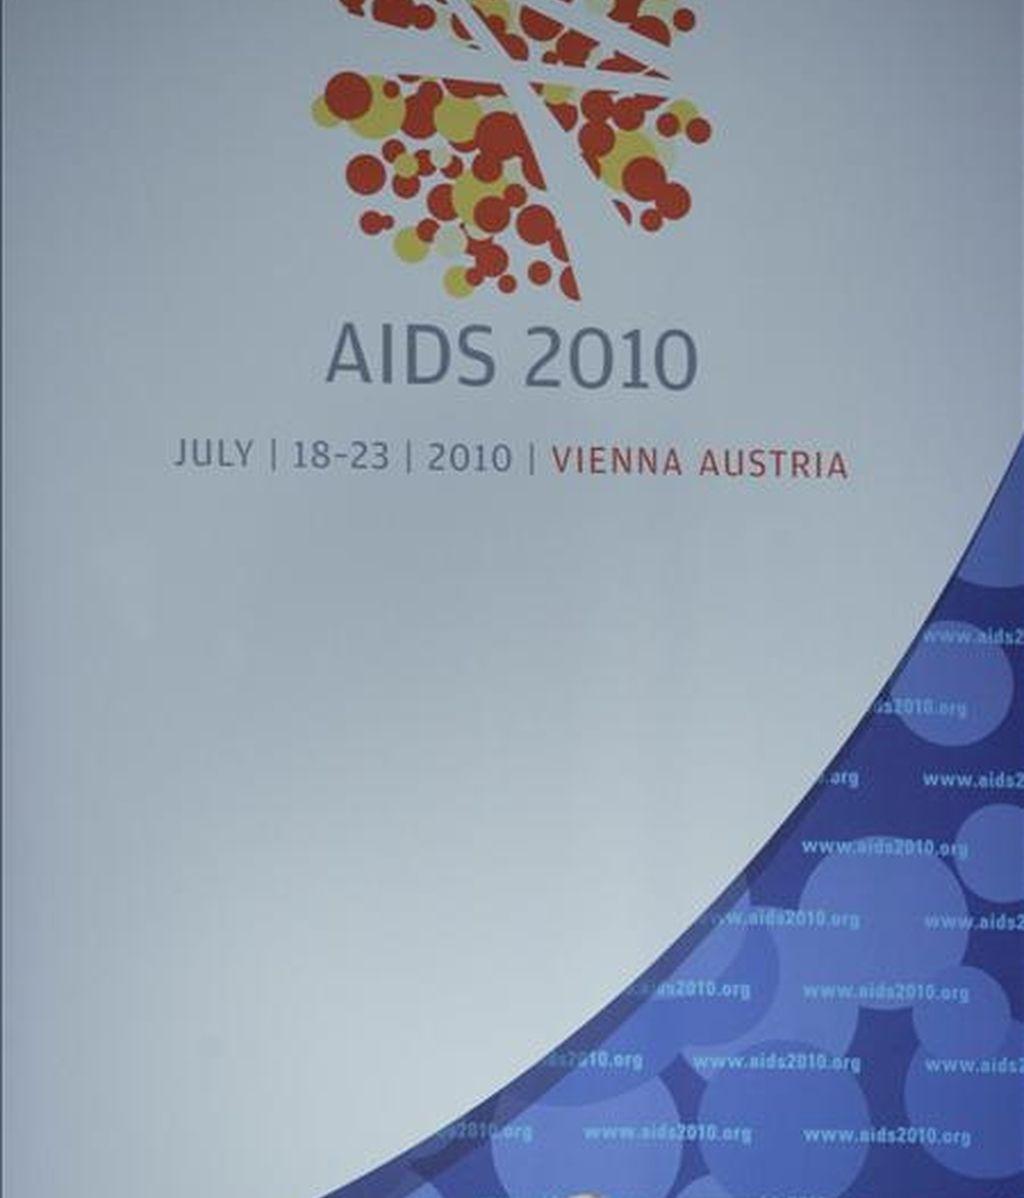 El presidente de la Sociedad Internacional del SIDA, de la conferencia SIDA 2010, Julio Montaner, toma la palabra durante la inauguración de la 18ª Conferencia del SIDA en Viena. EFE